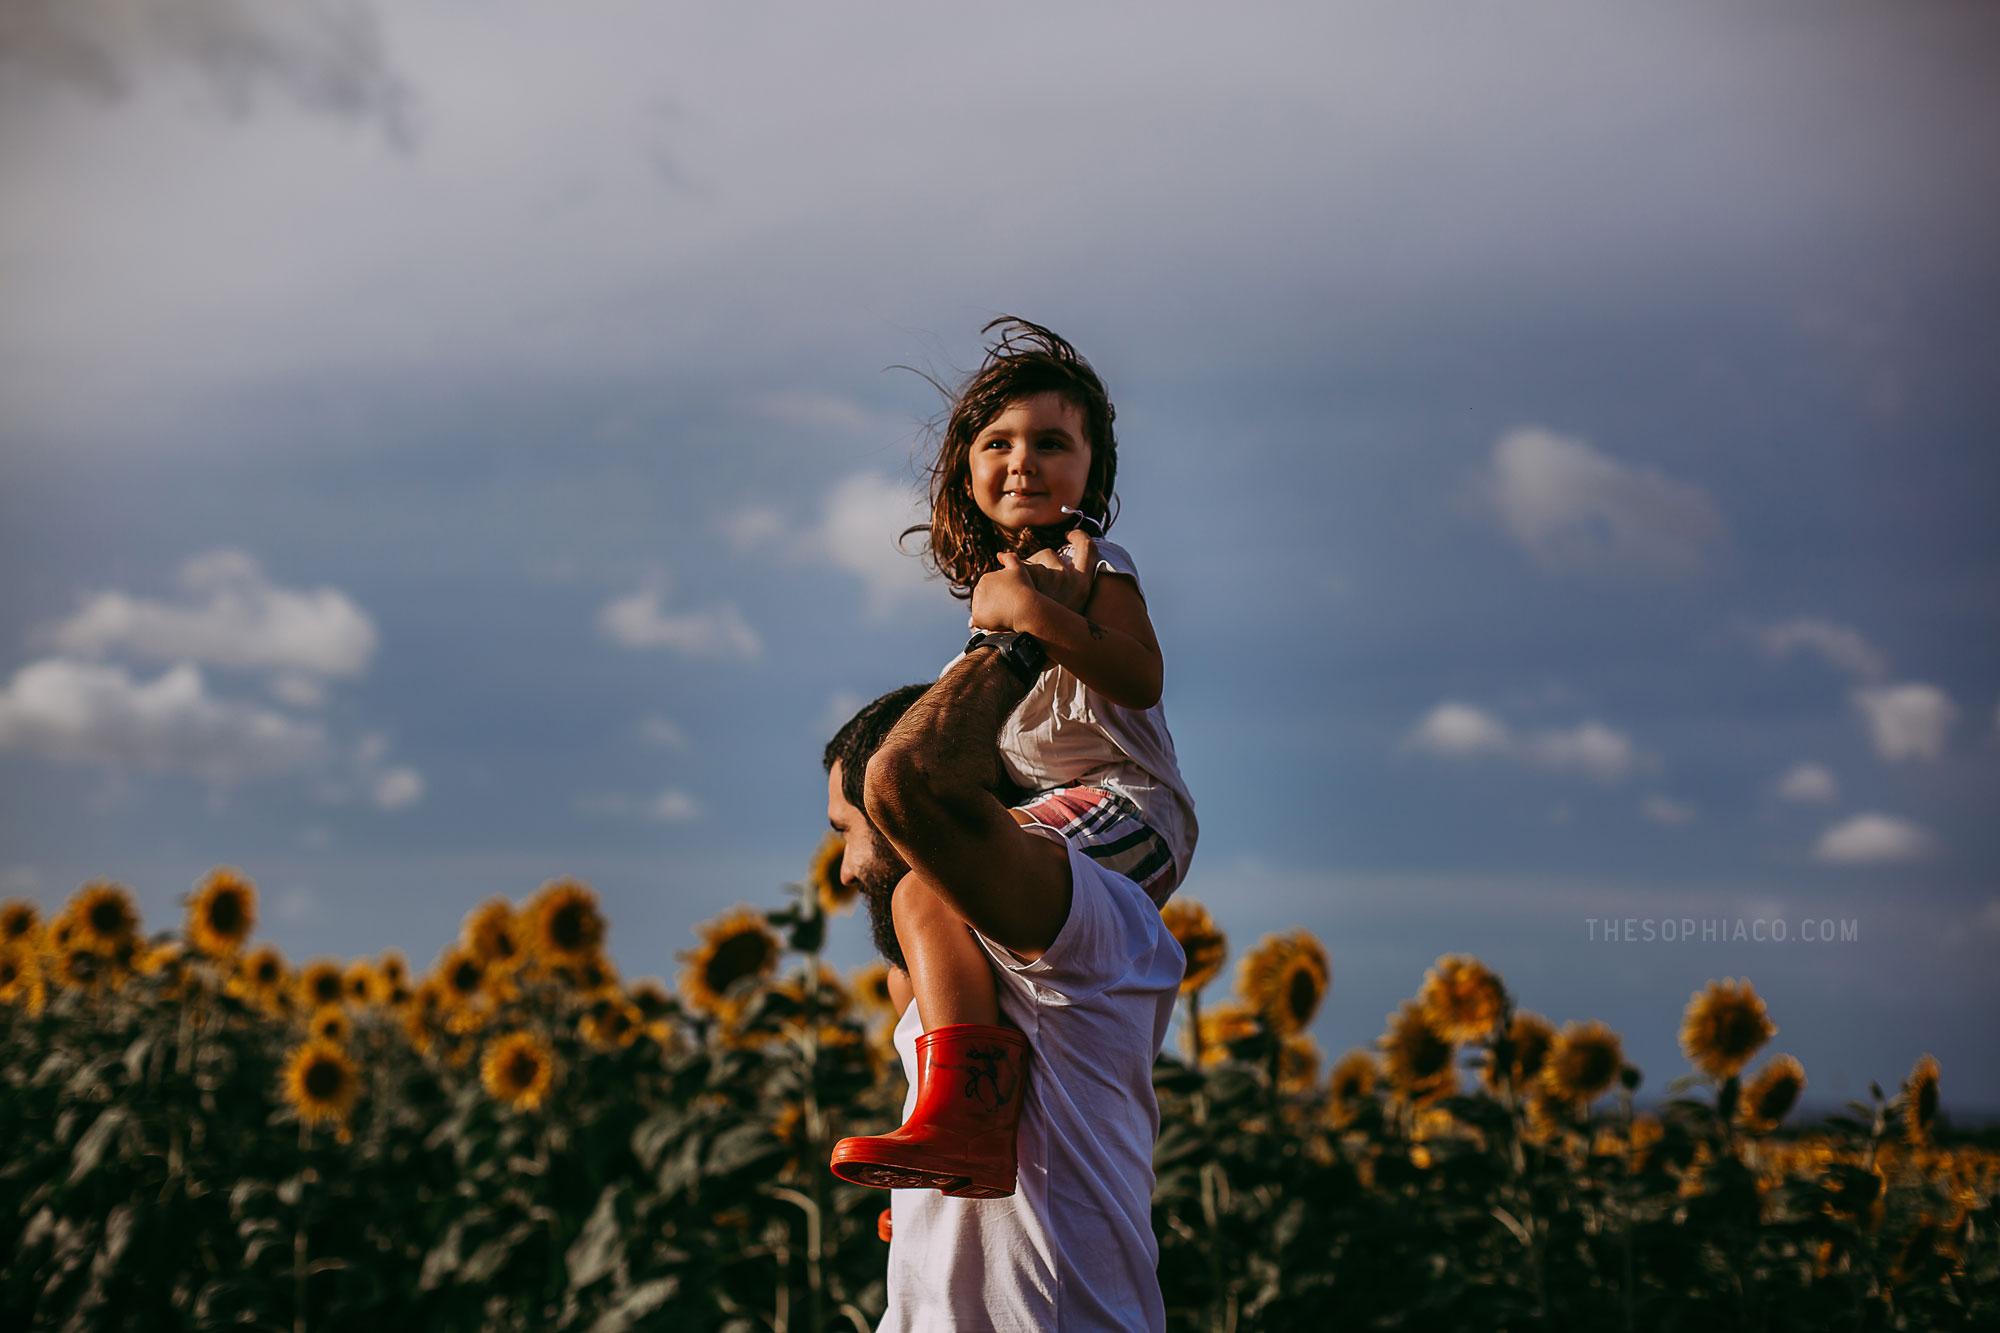 waialua-sunflowers-oahu-family-photography-09.jpg